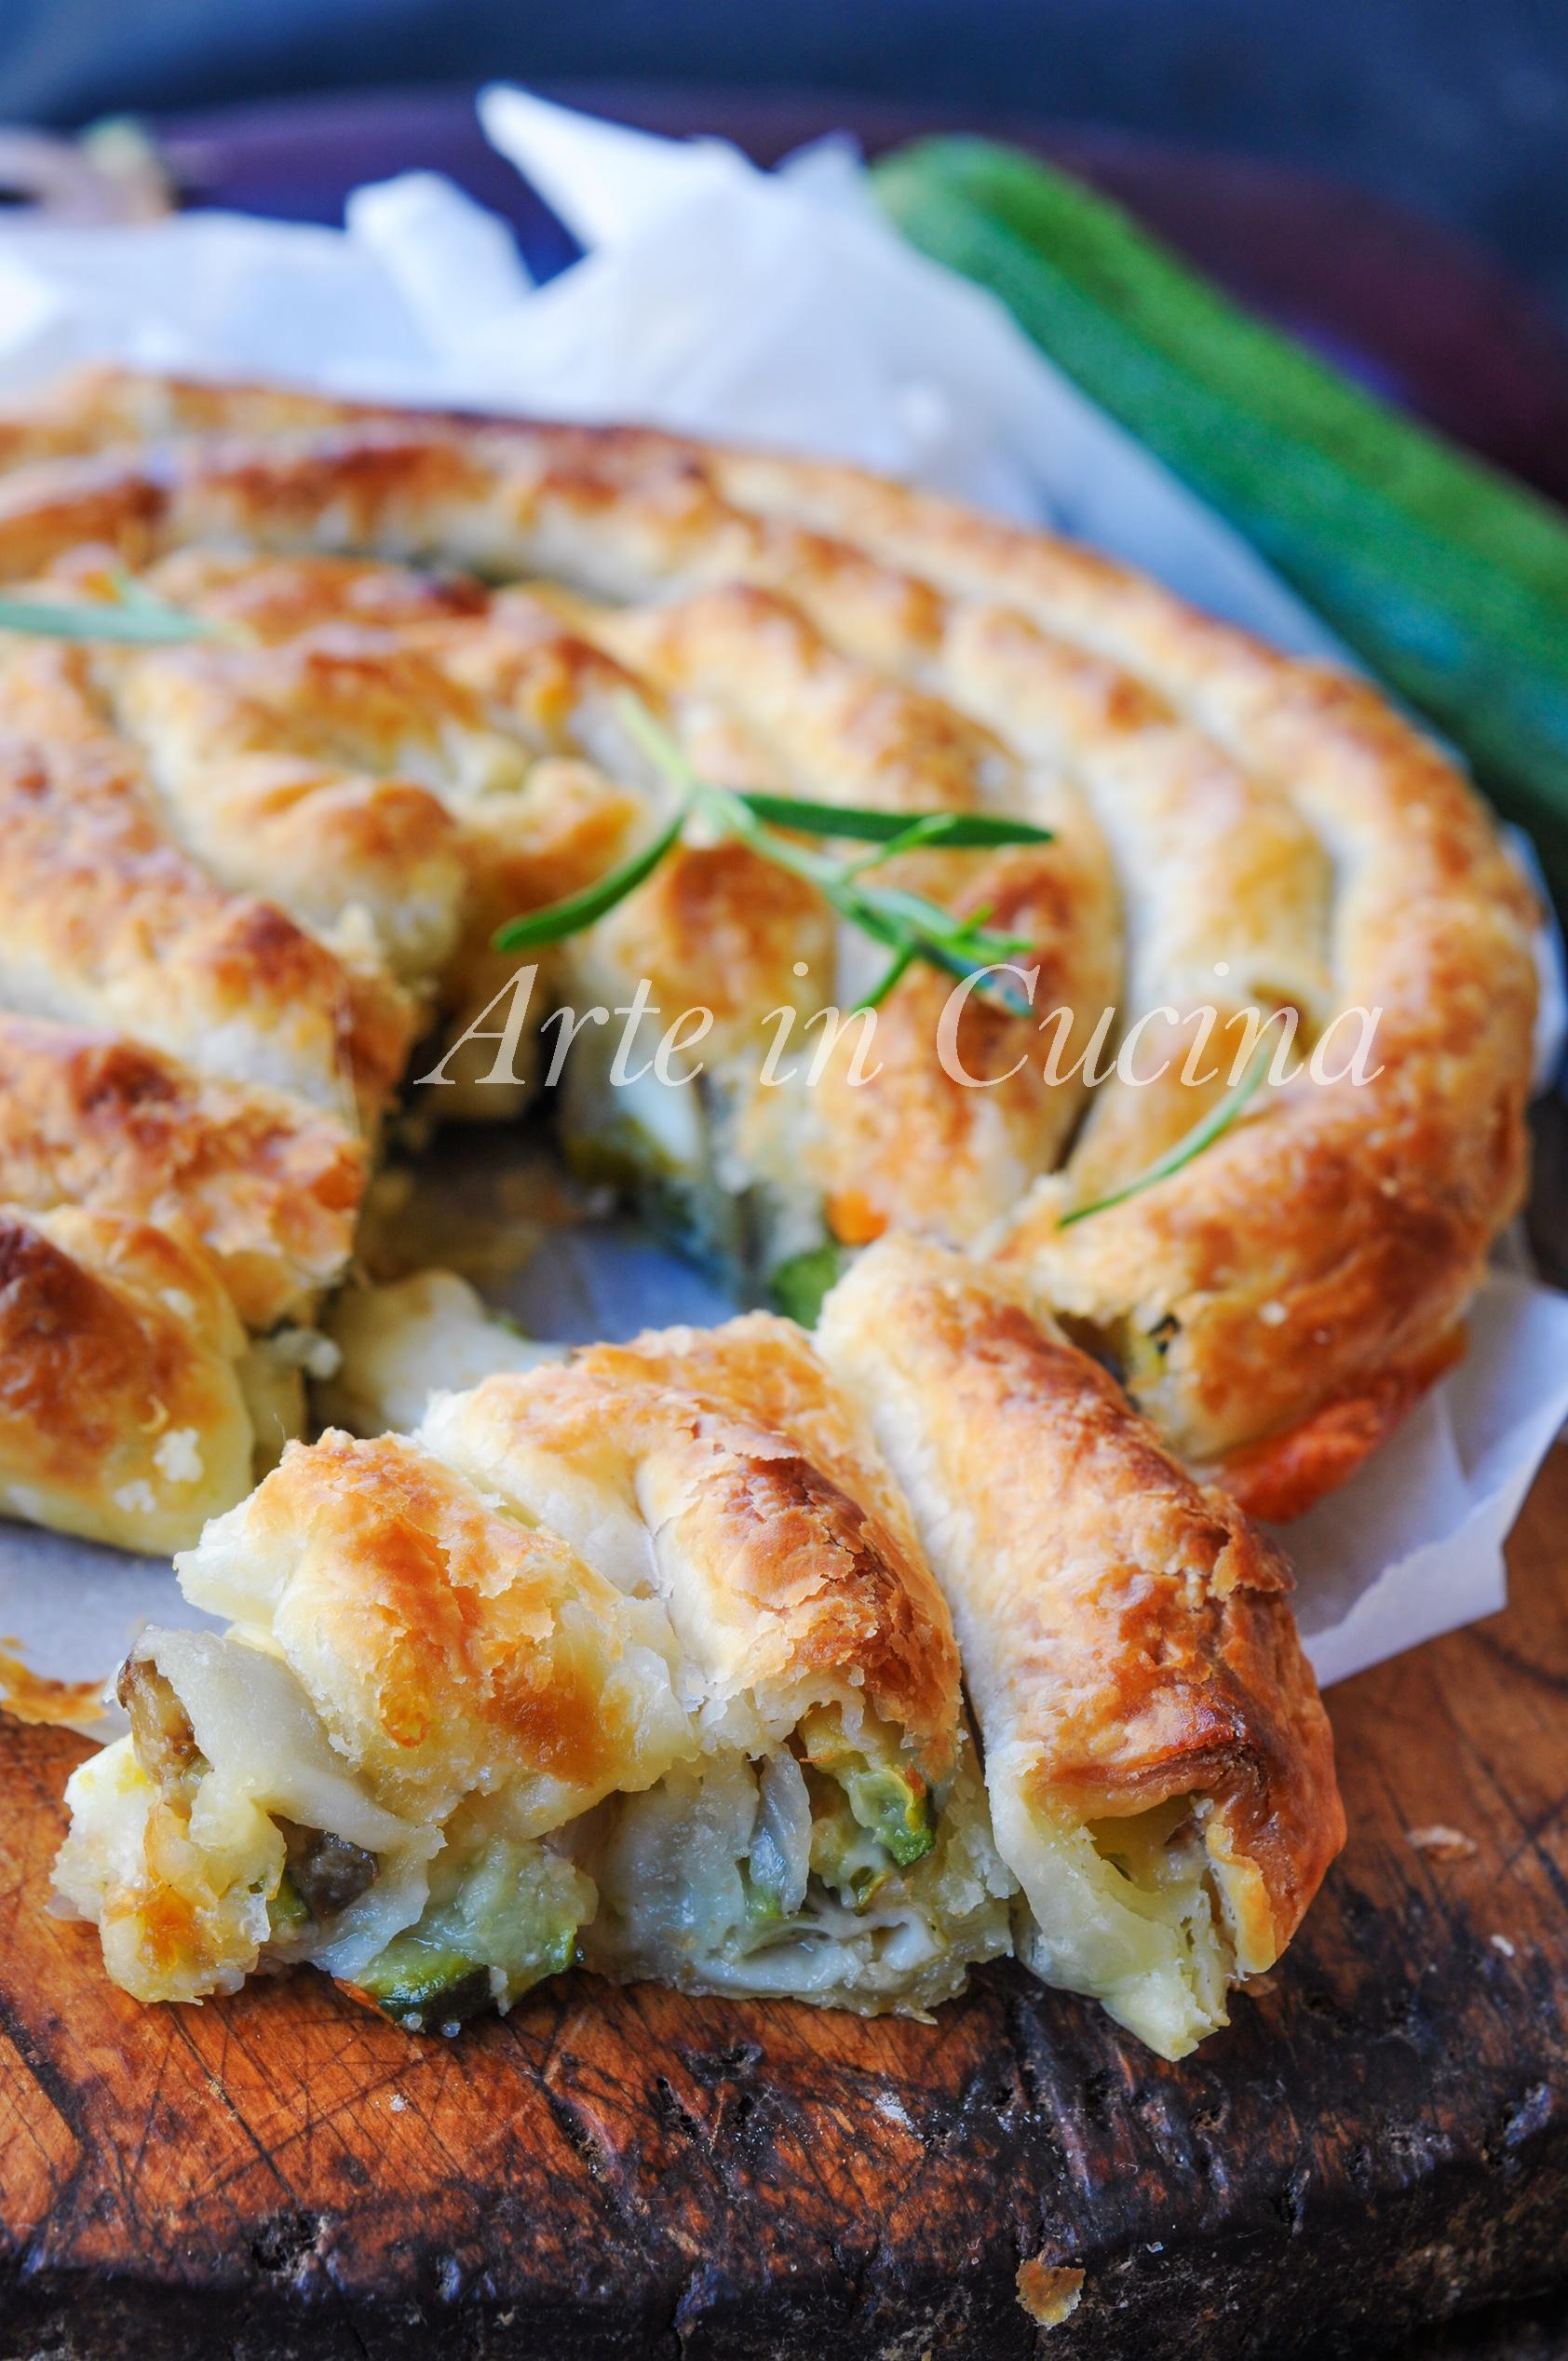 Spirale di sfoglia salata ripiena di verdure vickyart arte in cucina